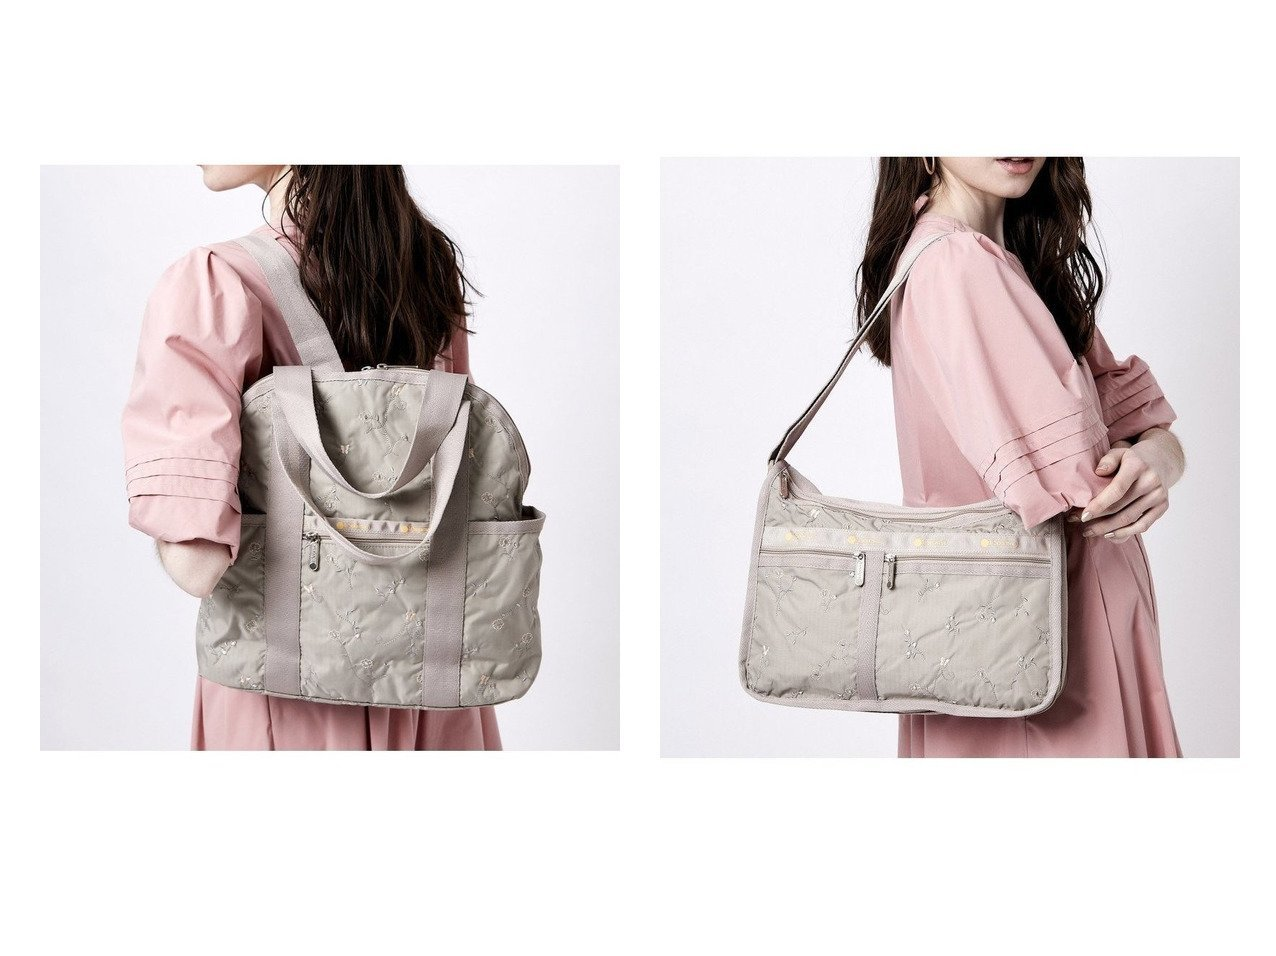 【LeSportsac/レスポートサック】の(レスポートサック)バックパック リュック 2442F921&(レスポートサック)ショルダーバッグ 7507F921 【バッグ・鞄】おすすめ!人気、トレンド・レディースファッションの通販 おすすめで人気の流行・トレンド、ファッションの通販商品 インテリア・家具・メンズファッション・キッズファッション・レディースファッション・服の通販 founy(ファニー) https://founy.com/ ファッション Fashion レディースファッション WOMEN バッグ Bag アクセサリー 傘 ショルダー 手帳 人気 ポケット ポーチ モチーフ NEW・新作・新着・新入荷 New Arrivals メッシュ リュック |ID:crp329100000045203